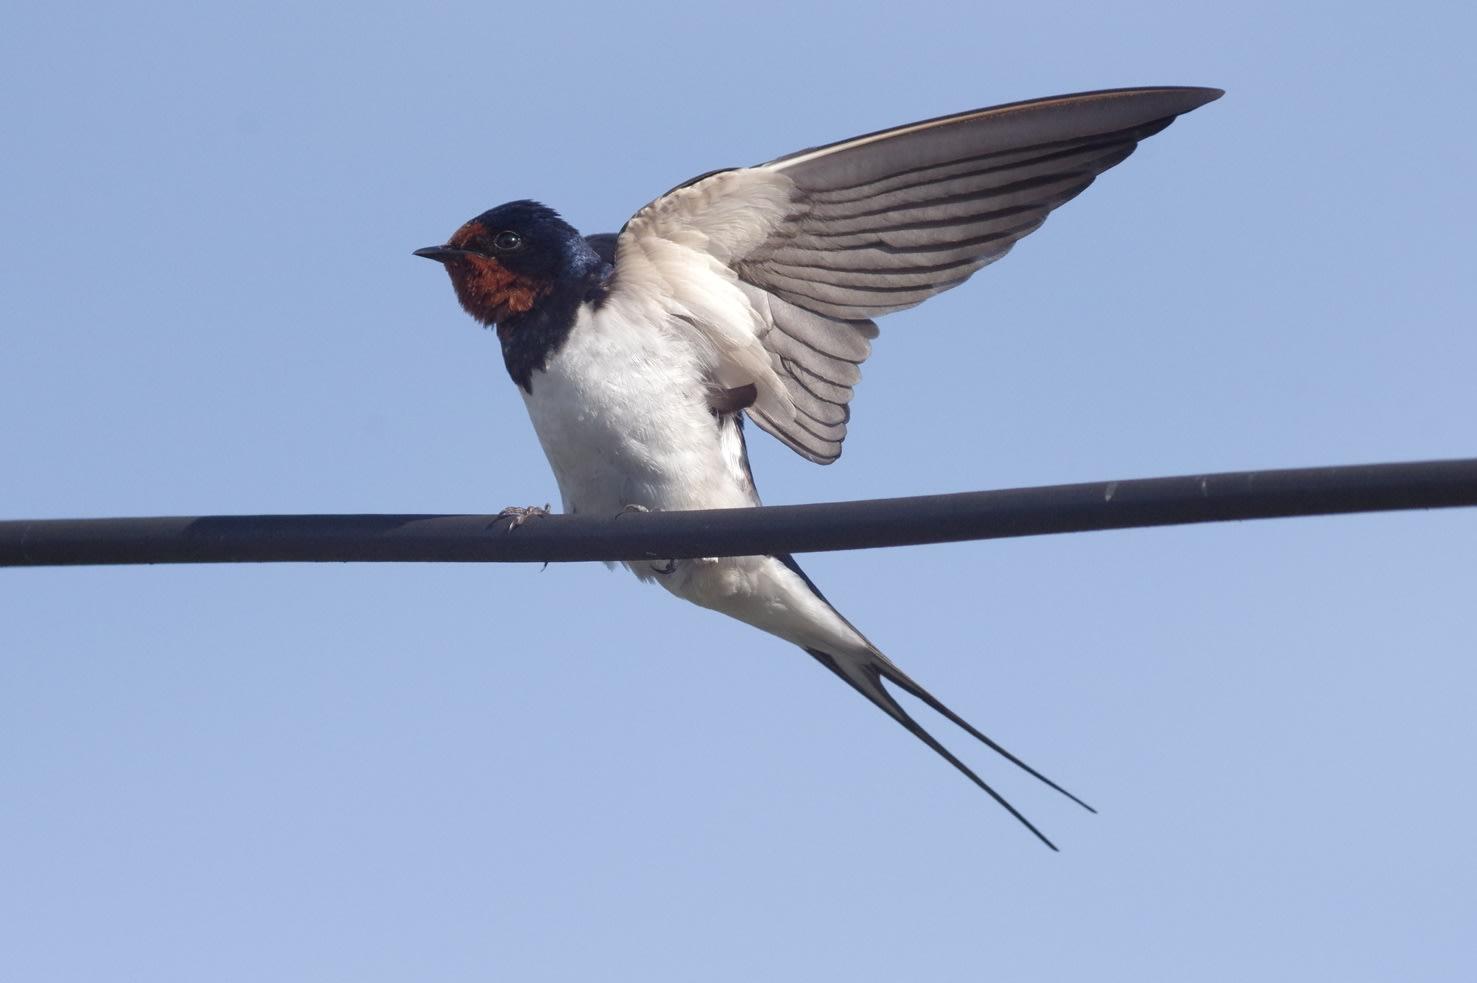 ツバメ (スズメ目ツバメ科) - 丹波の鳥さんたち